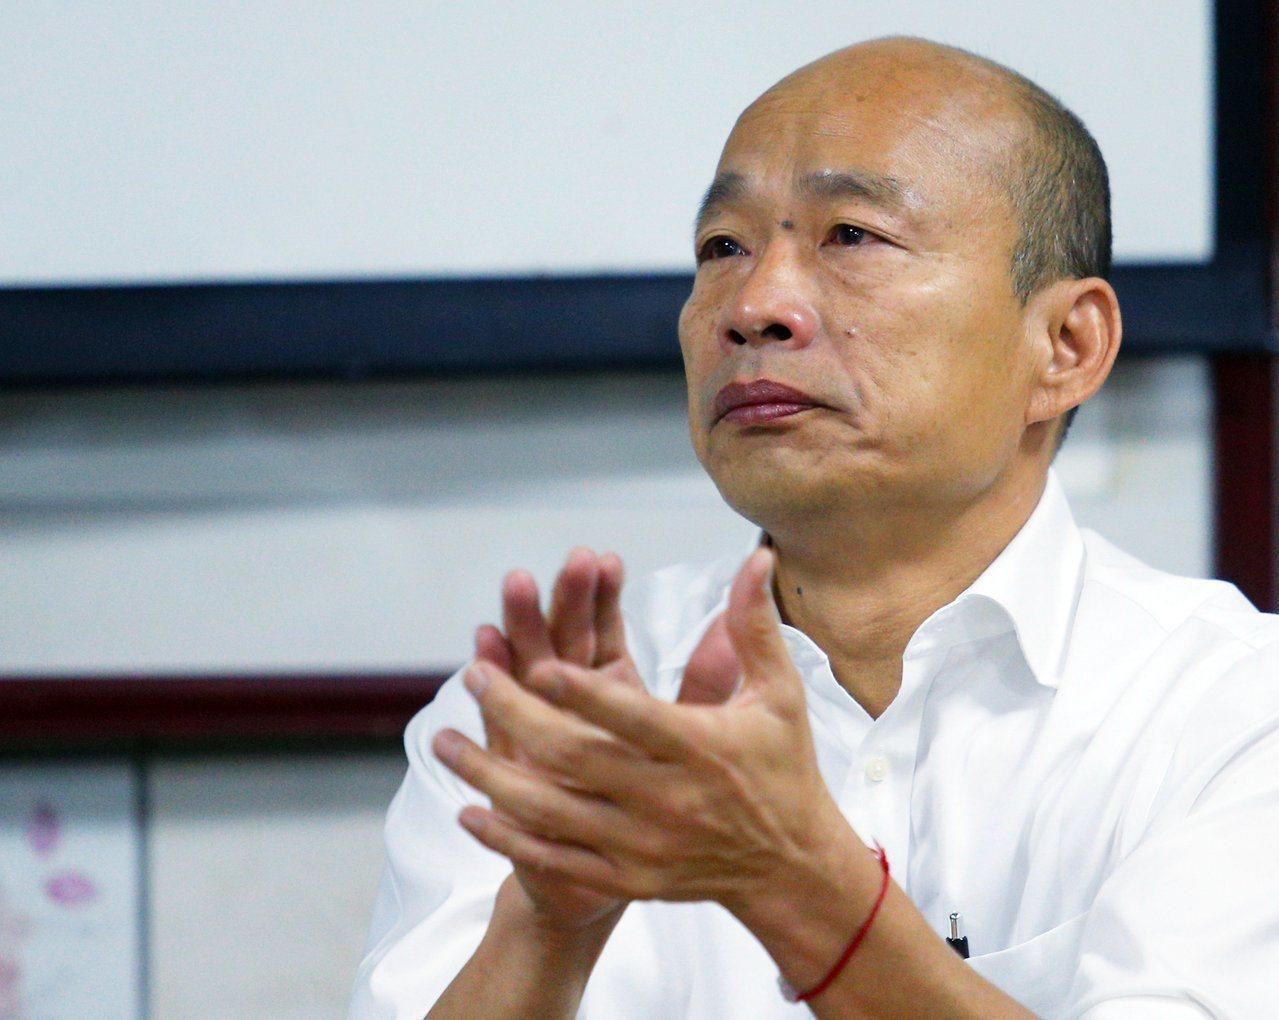 韓國瑜。聯合報資料照片